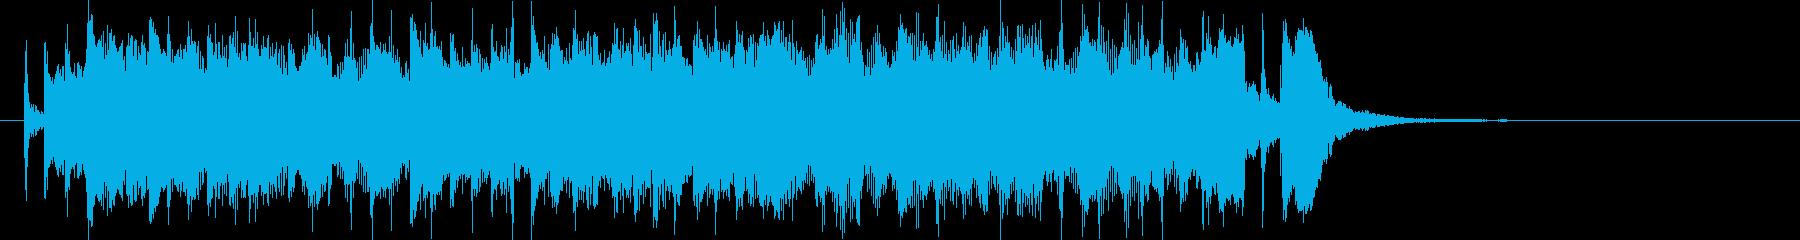 ポップでリズミカルなエレキジングルの再生済みの波形